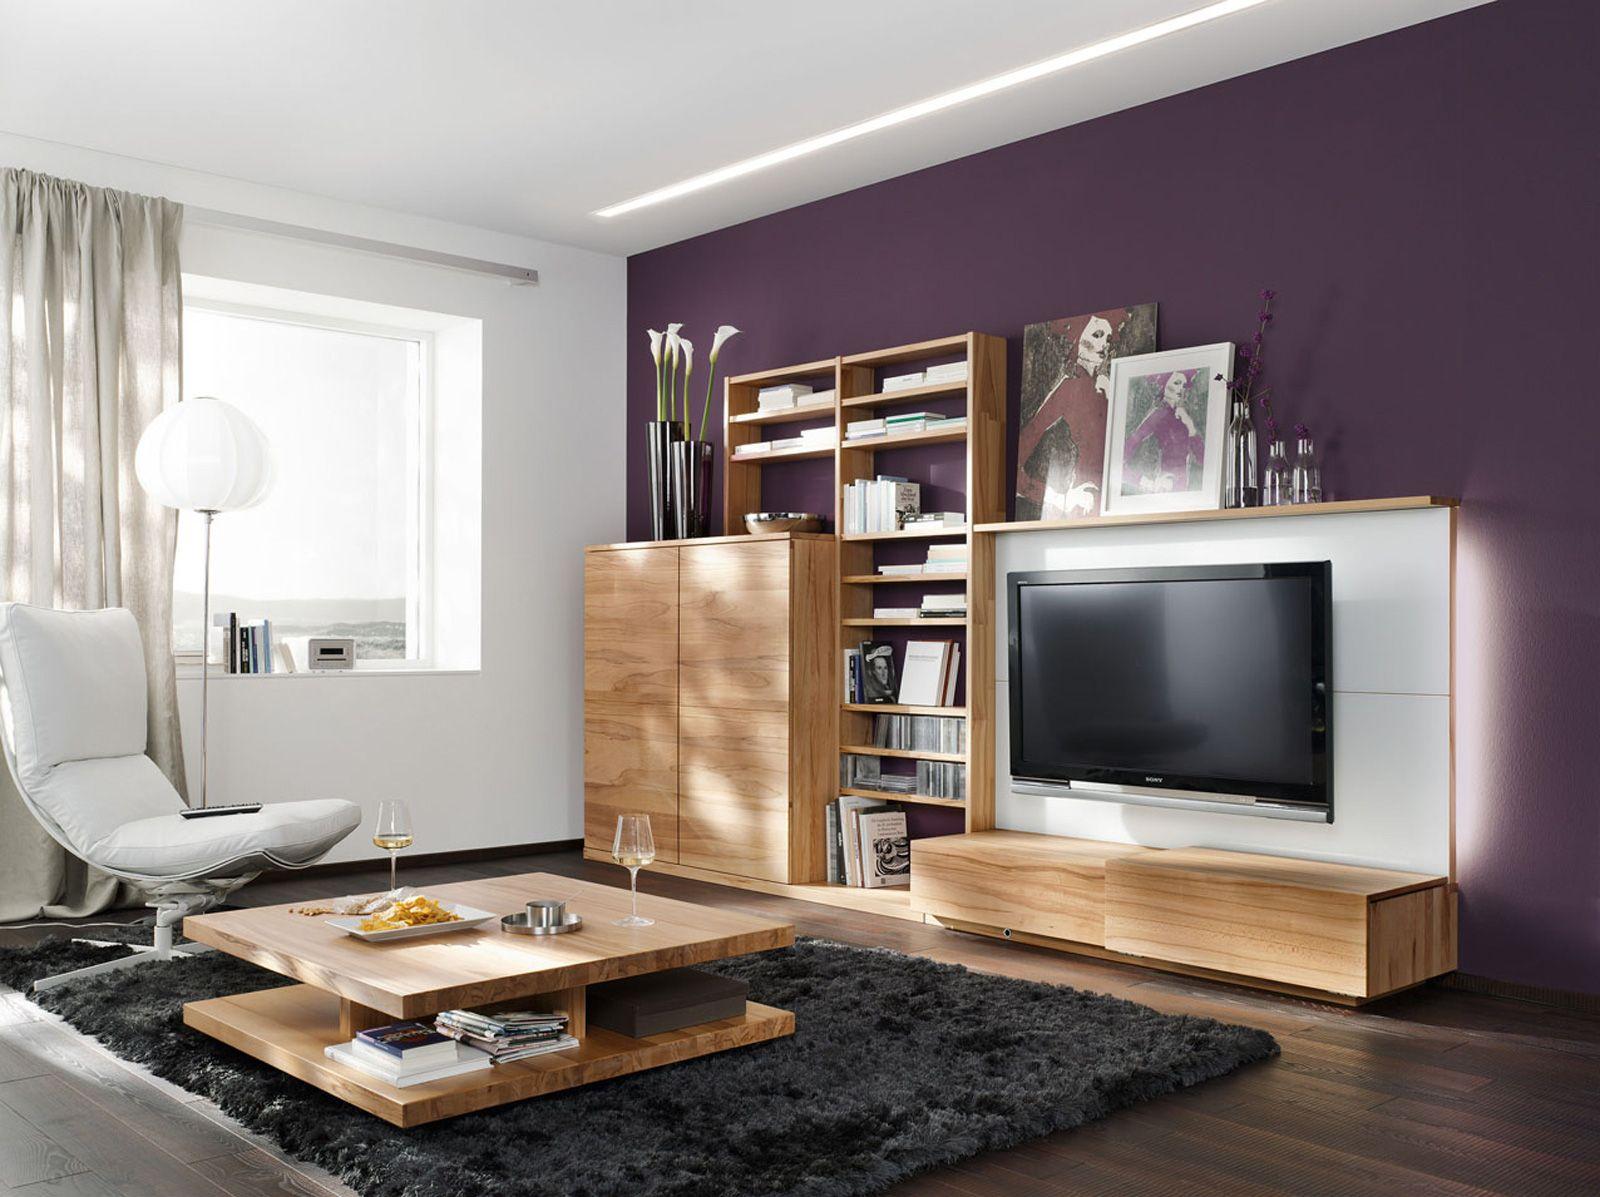 Librerie pareti attrezzate multifunzione casa muebles for Mobili multifunzione